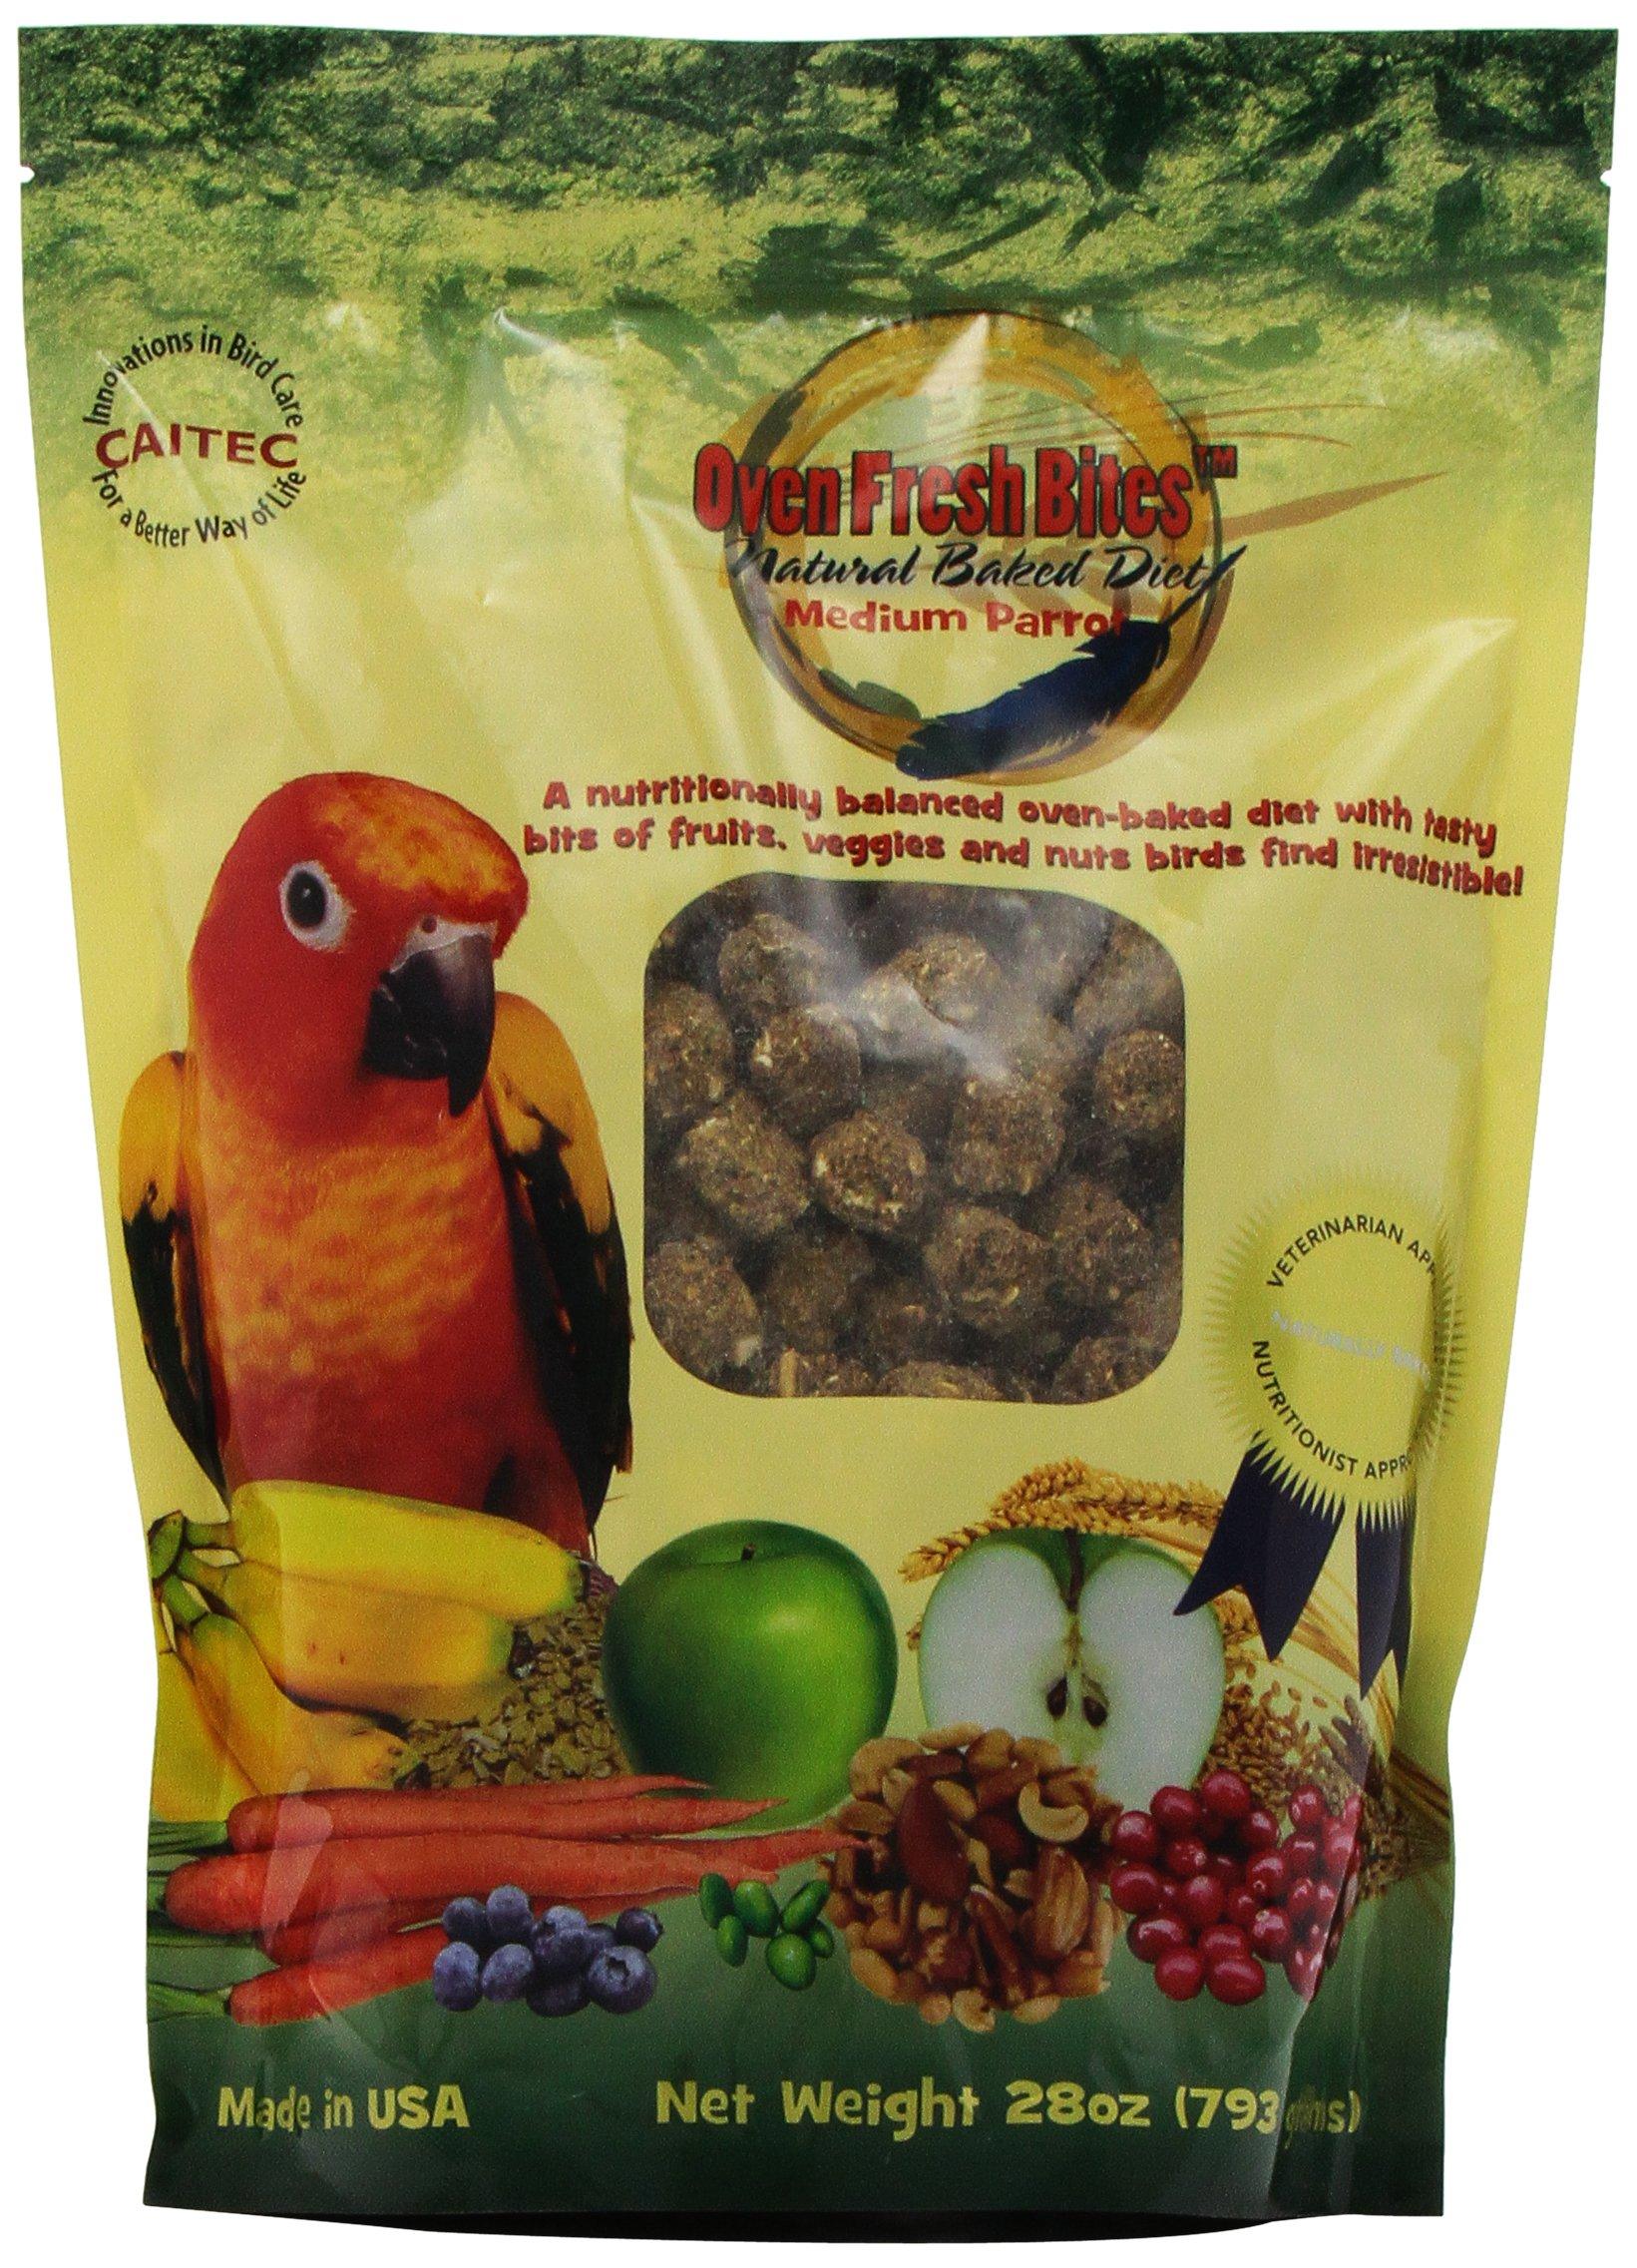 Oven Fresh Bites Baked Avian Diet -Medium Parrot - 28 oz. bag